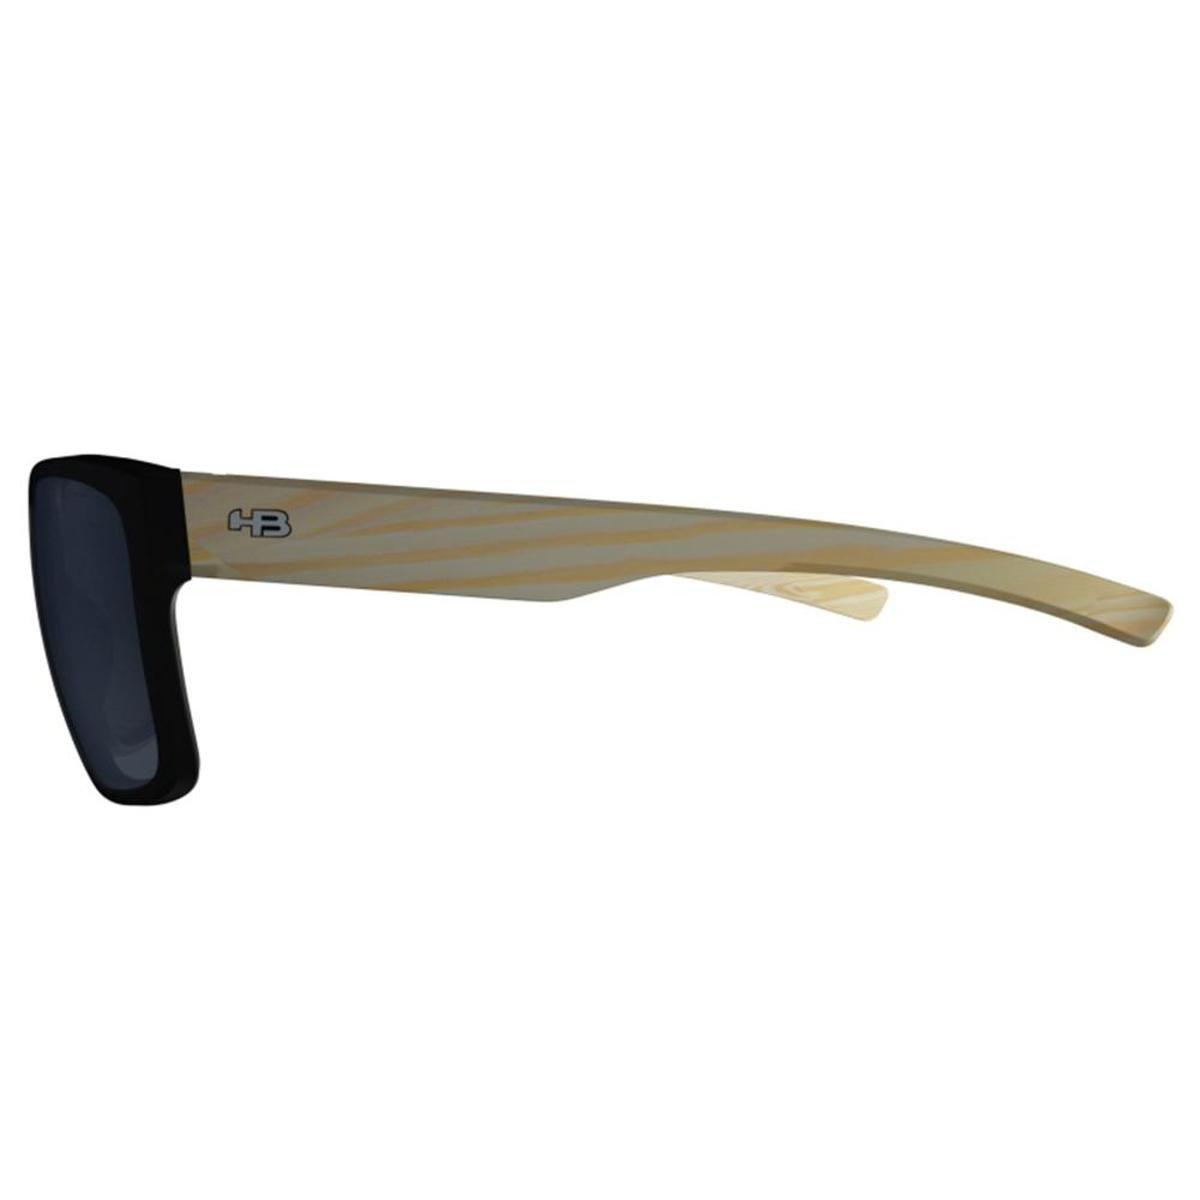 Óculos de Sol HB Freak - Preto e Marrom - Compre Agora   Netshoes a05c7e3010